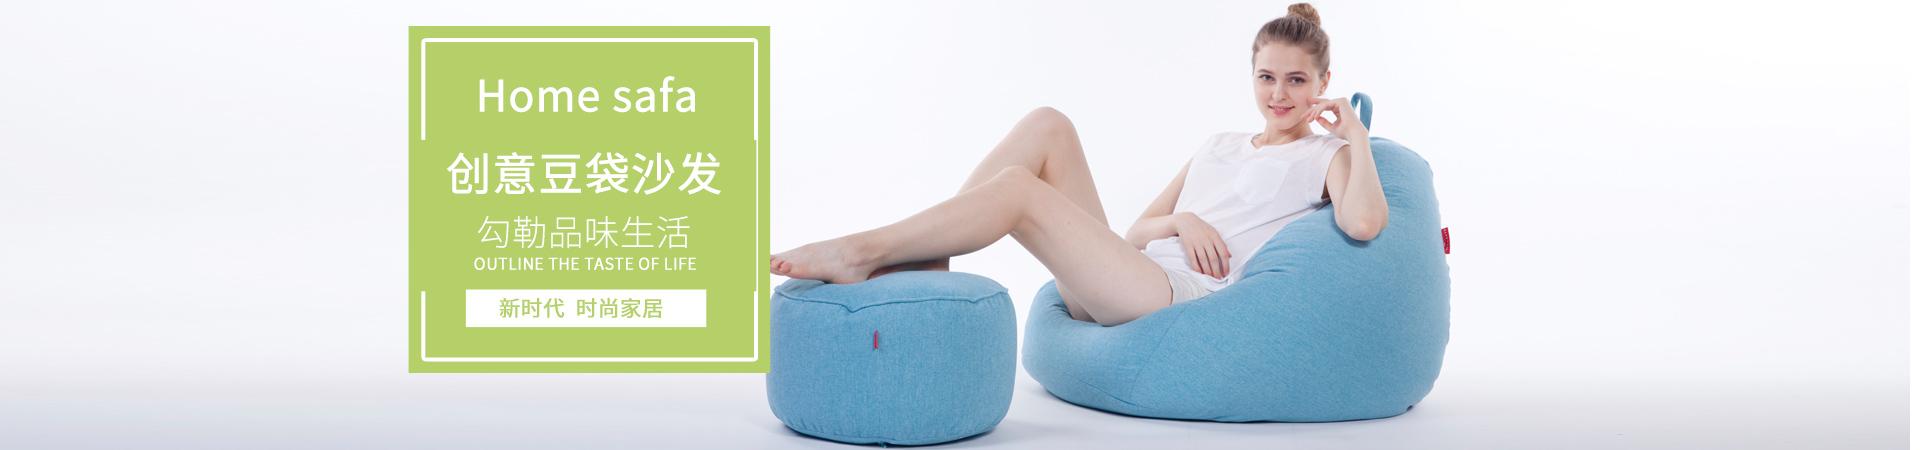 LUCKYSAC创意豆袋沙发勾勒品味生活